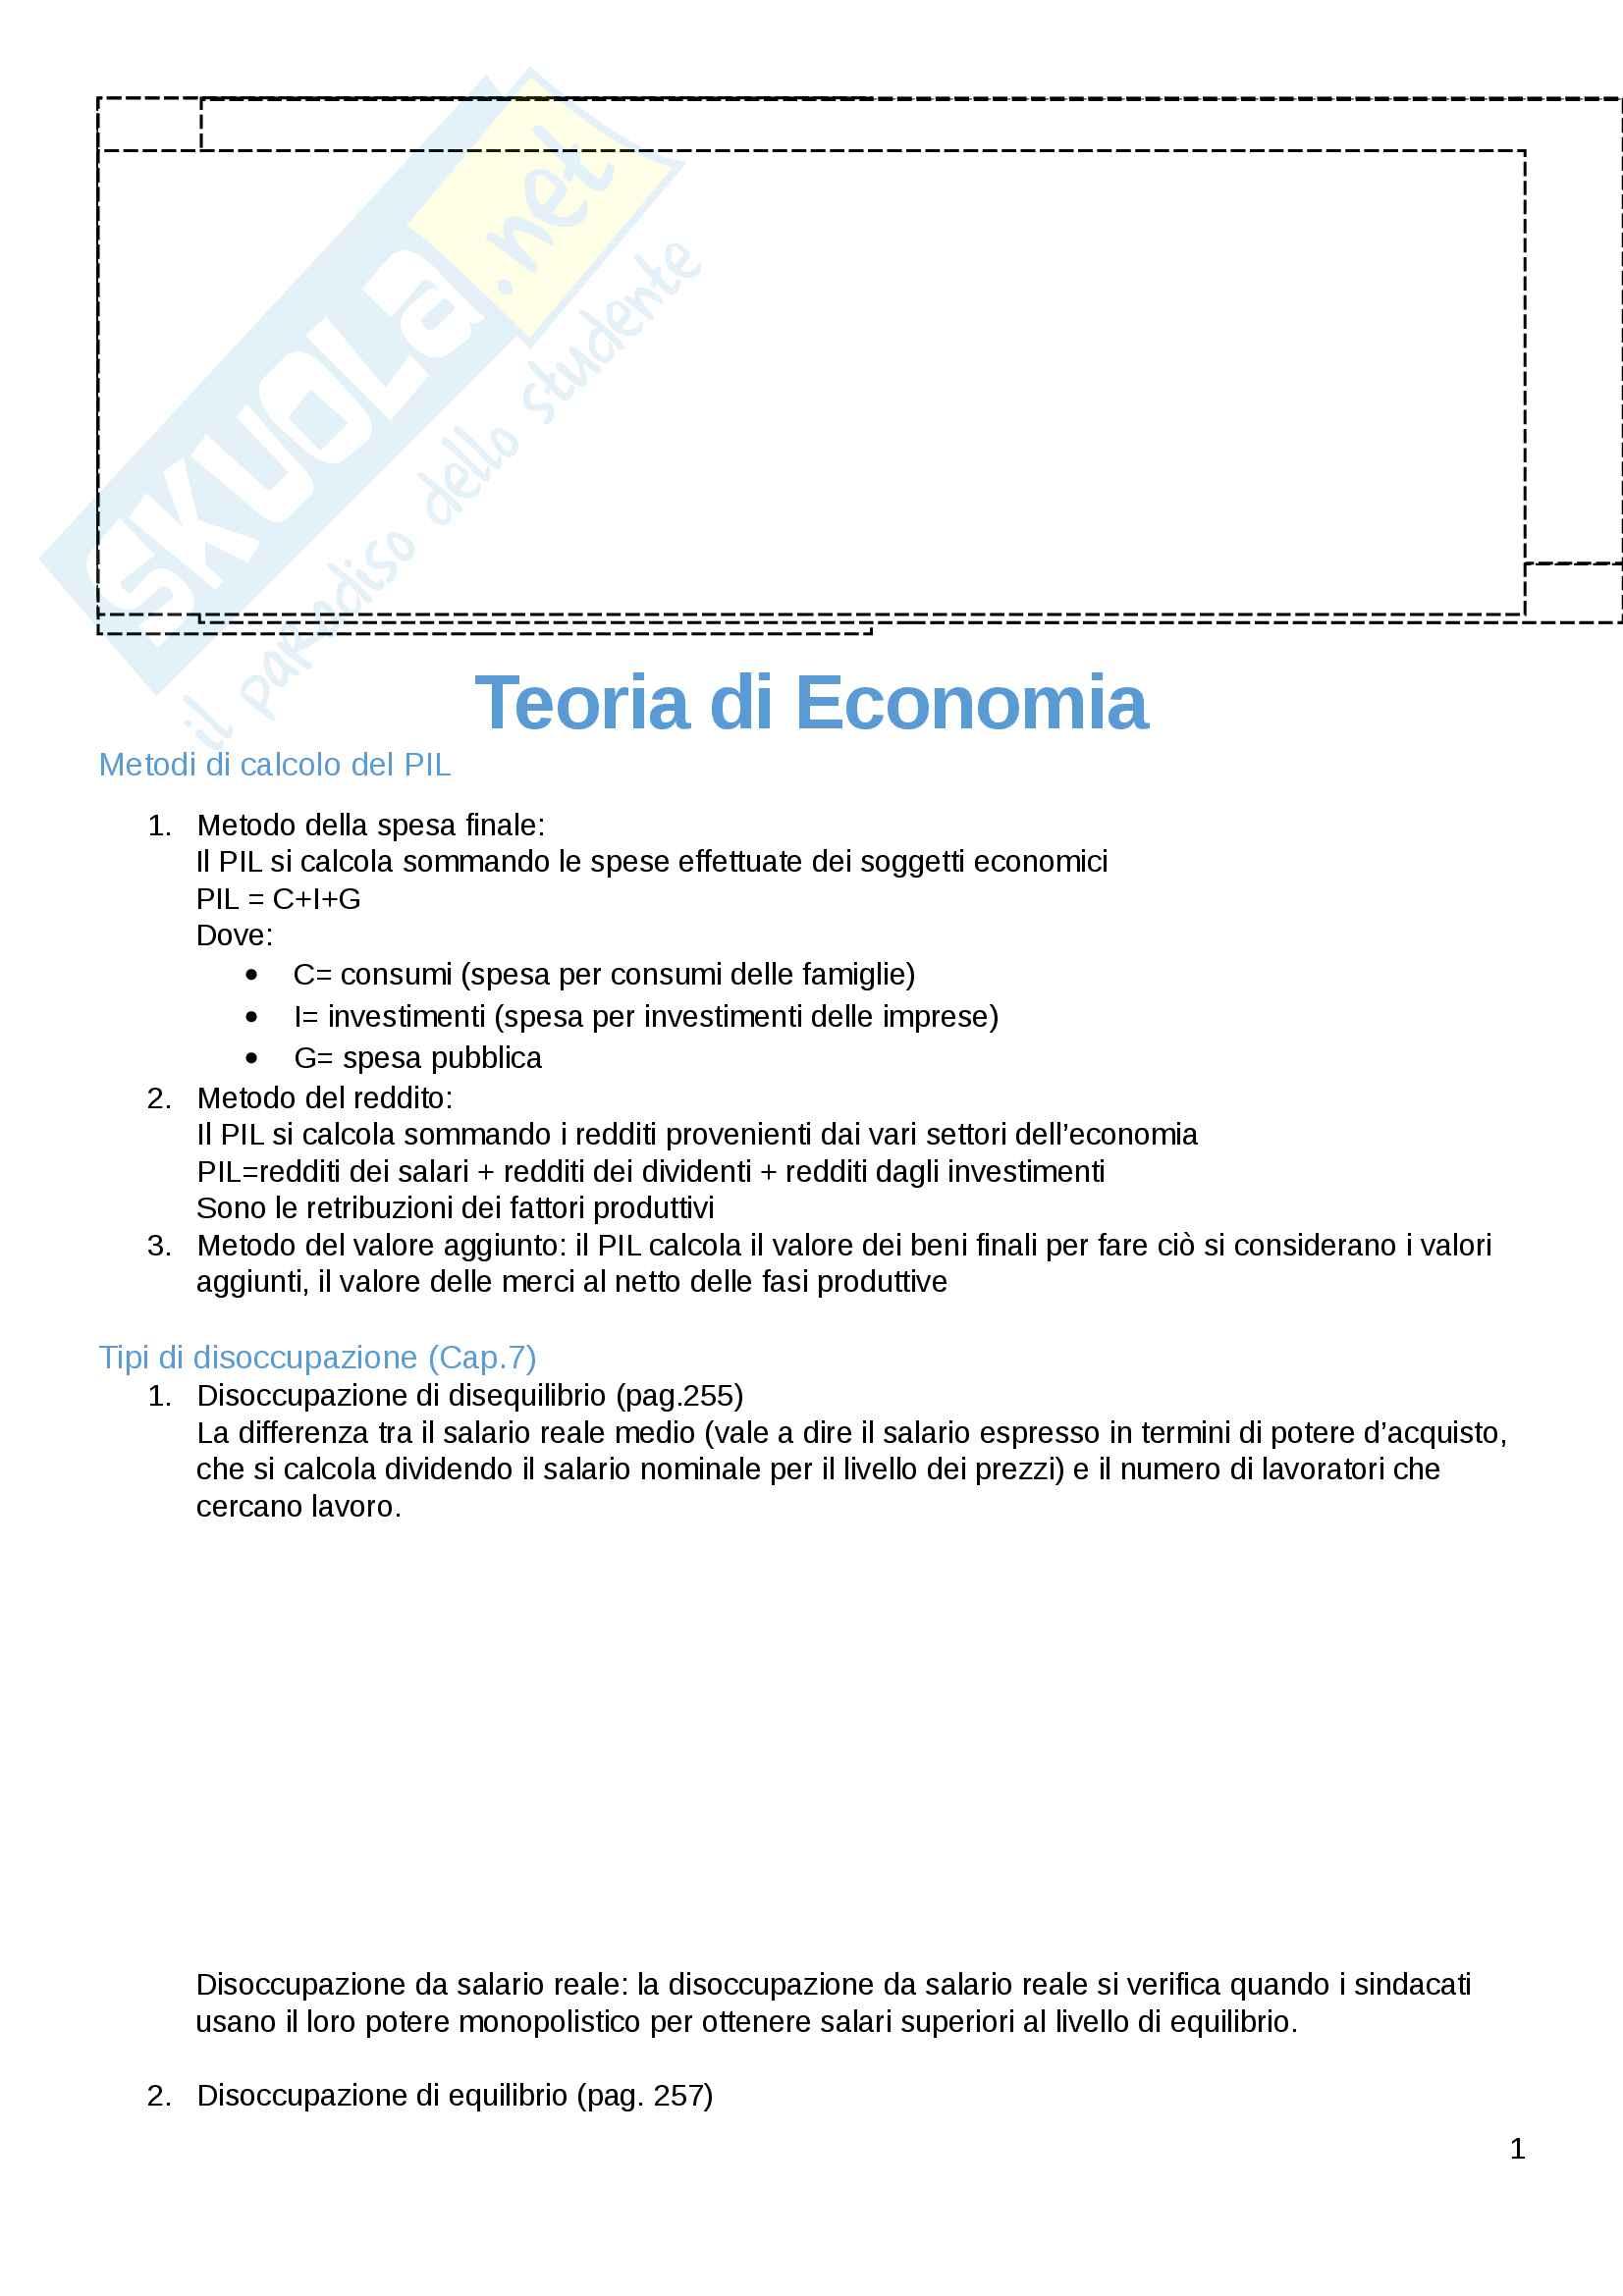 Teoria di istituzioni di economia politica (Merzoni)